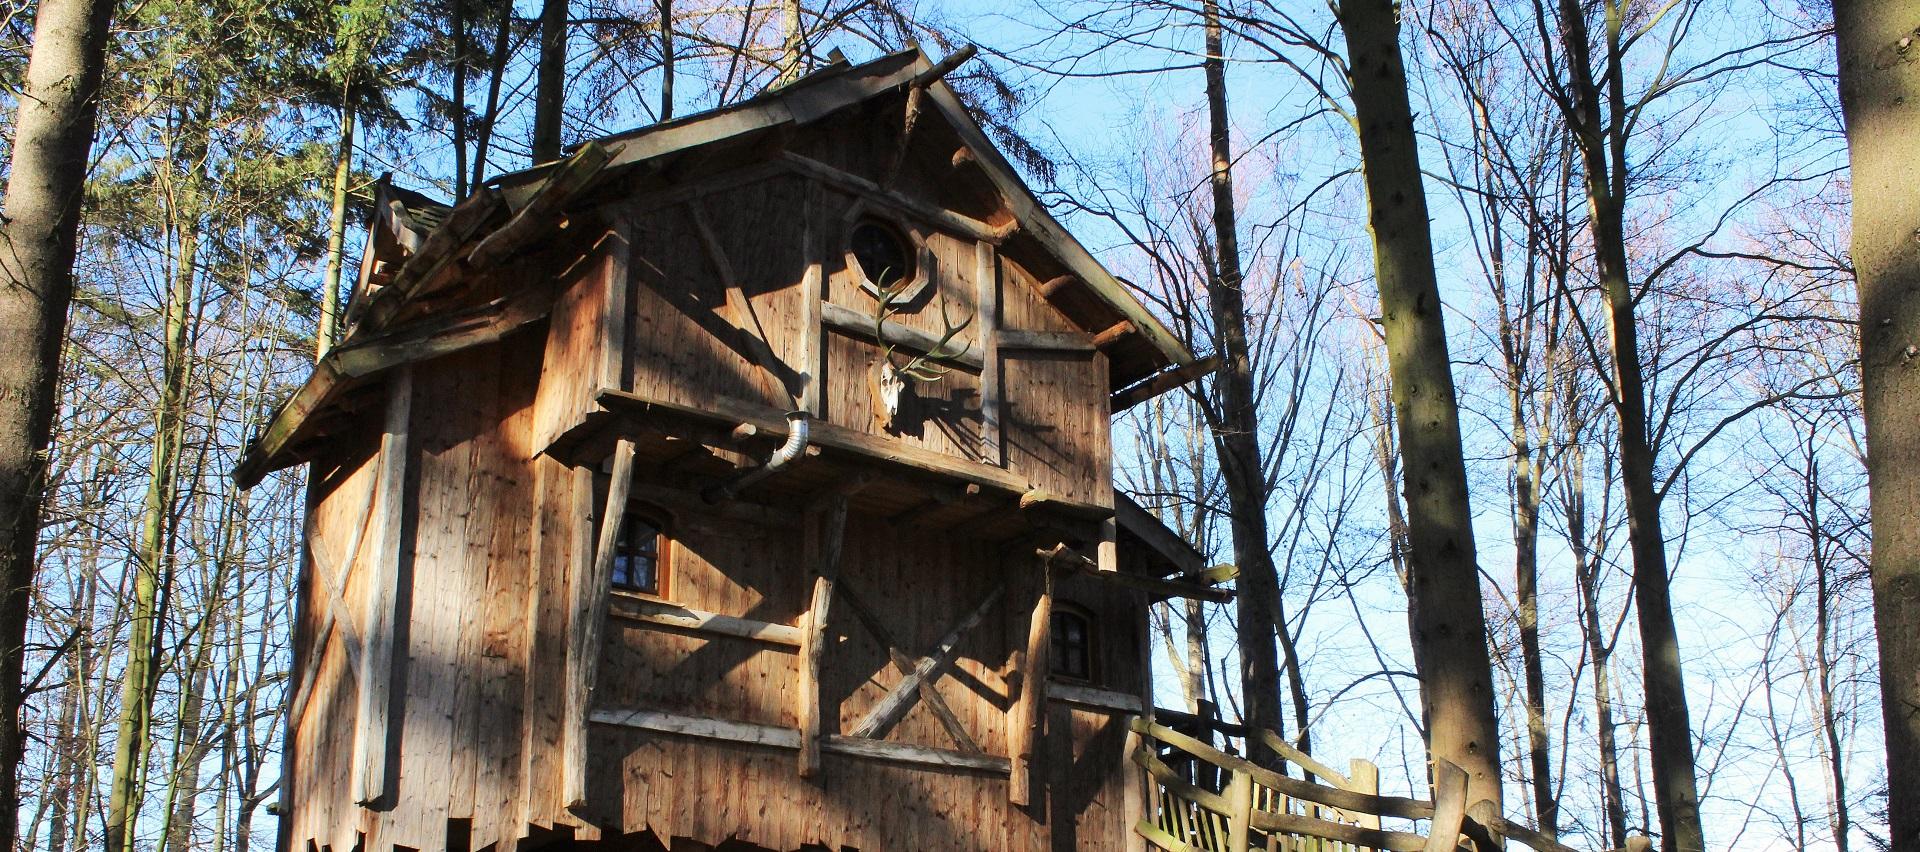 Robinienstämme Natur-Resort Tripsdrill von Holz-Hauff GmbH in Leingarten